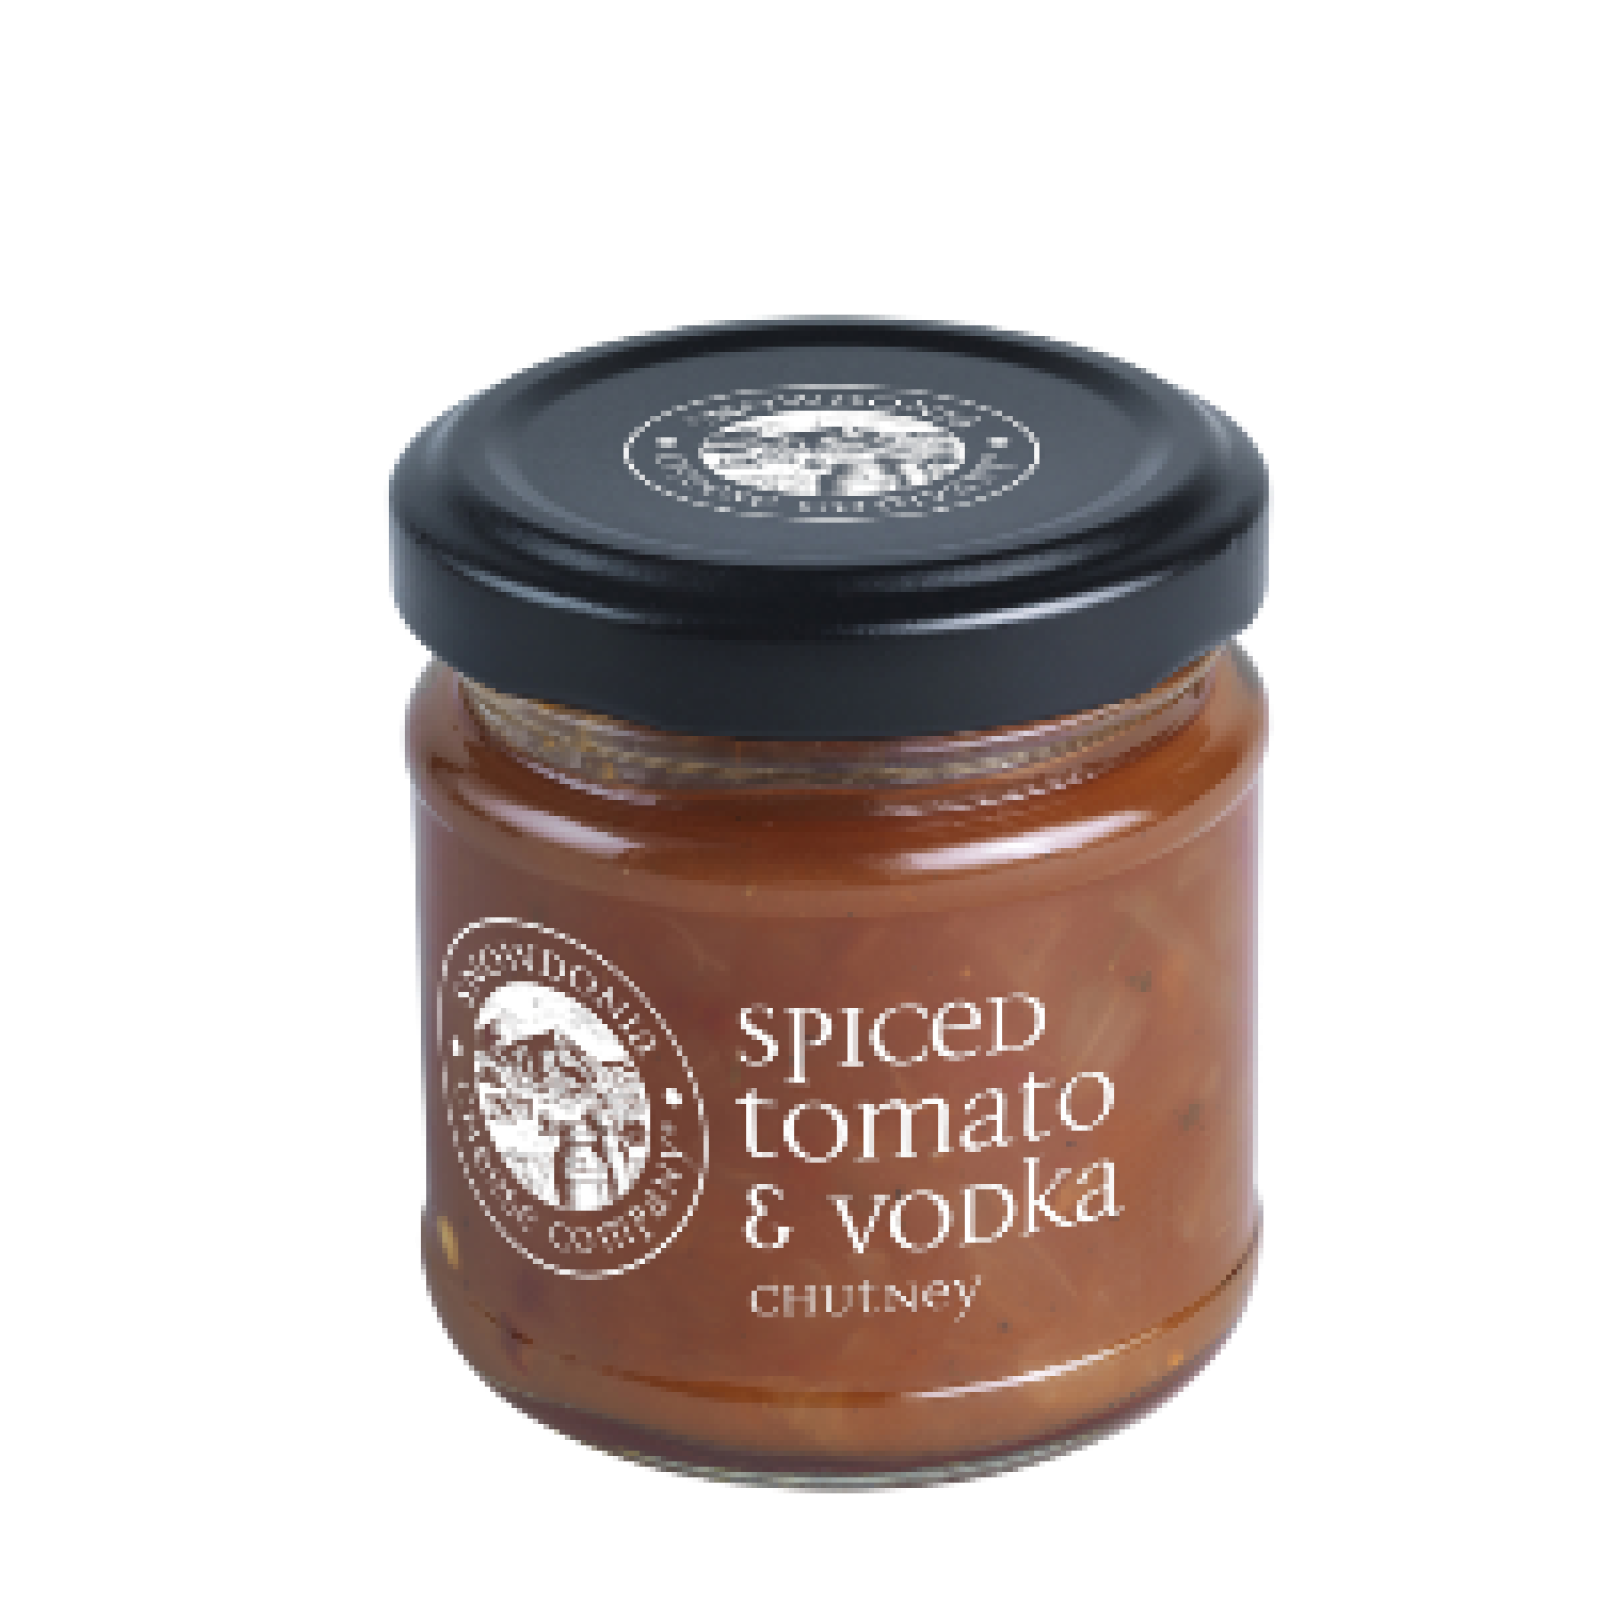 Spiced Tomato & Vodka Chutney 100g Snowdonia